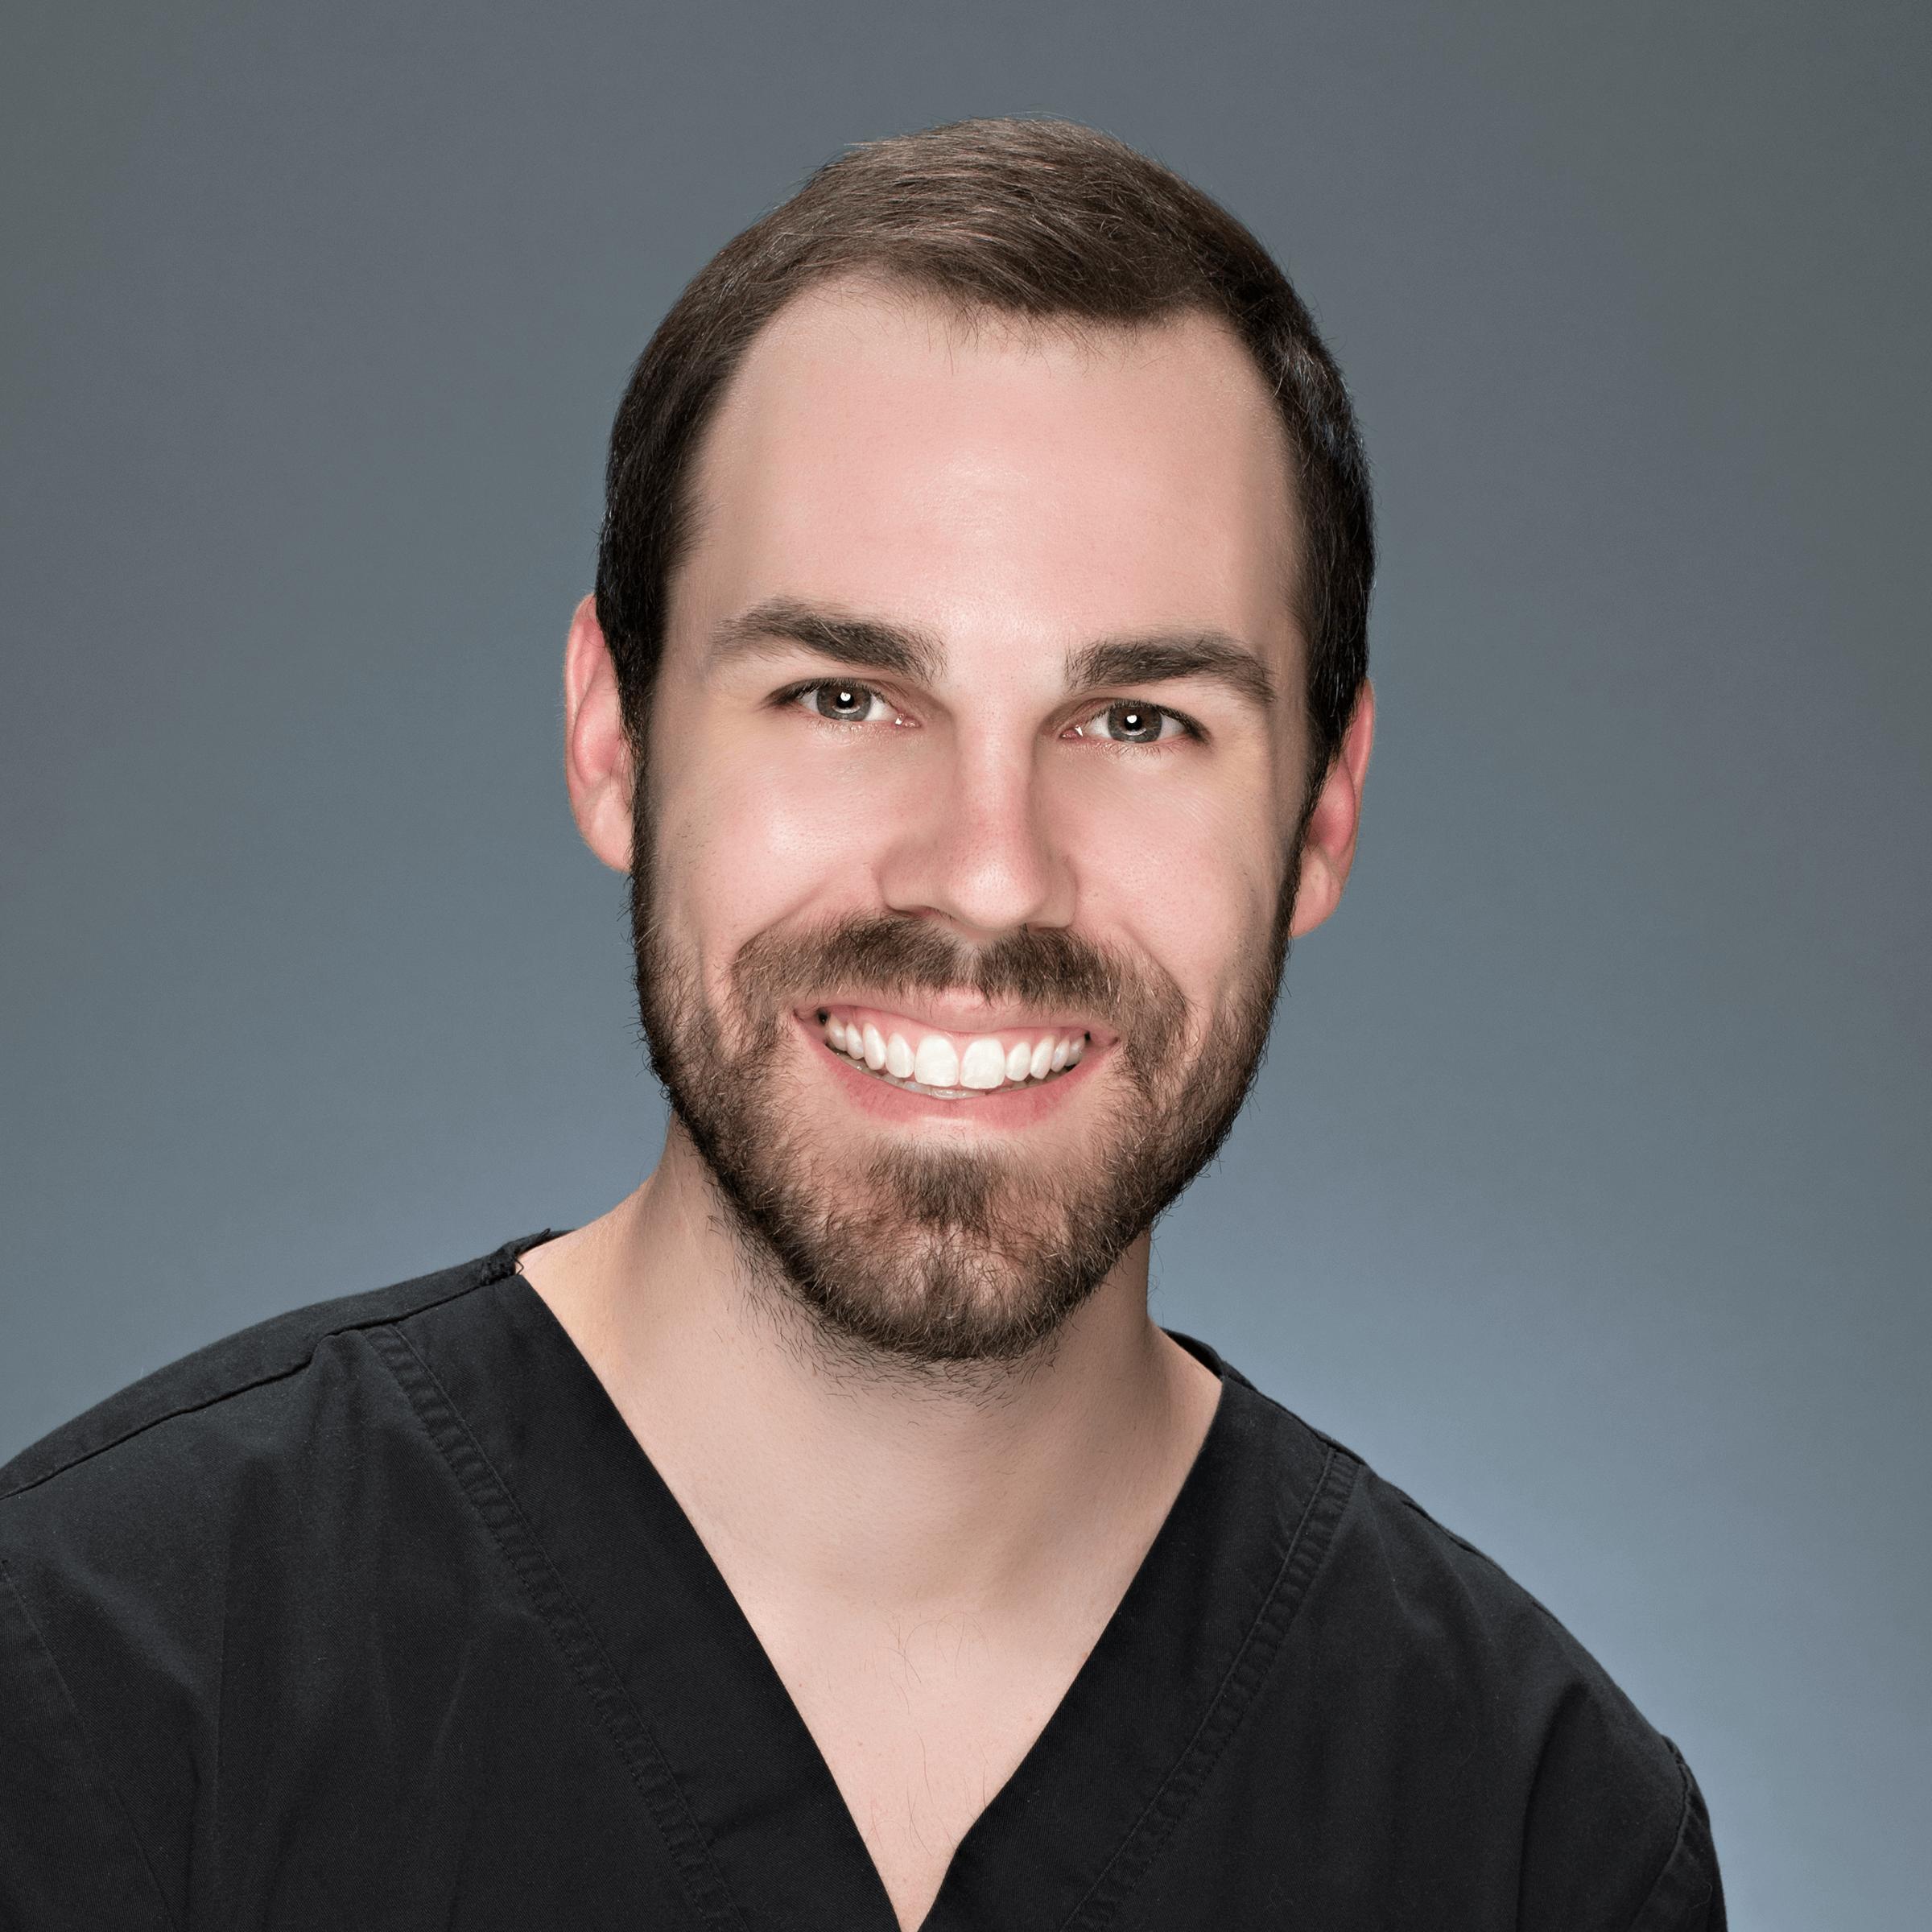 Dr. Adam Cotant